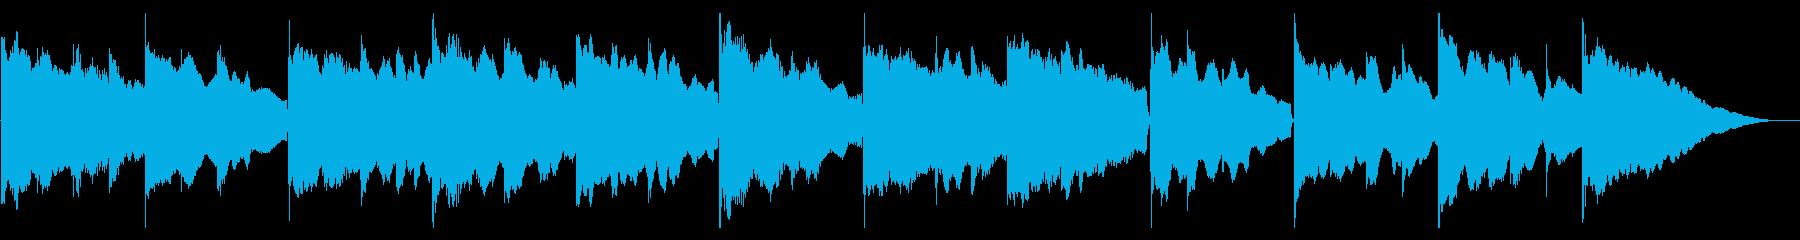 ゆったりとしたエレピソロの再生済みの波形